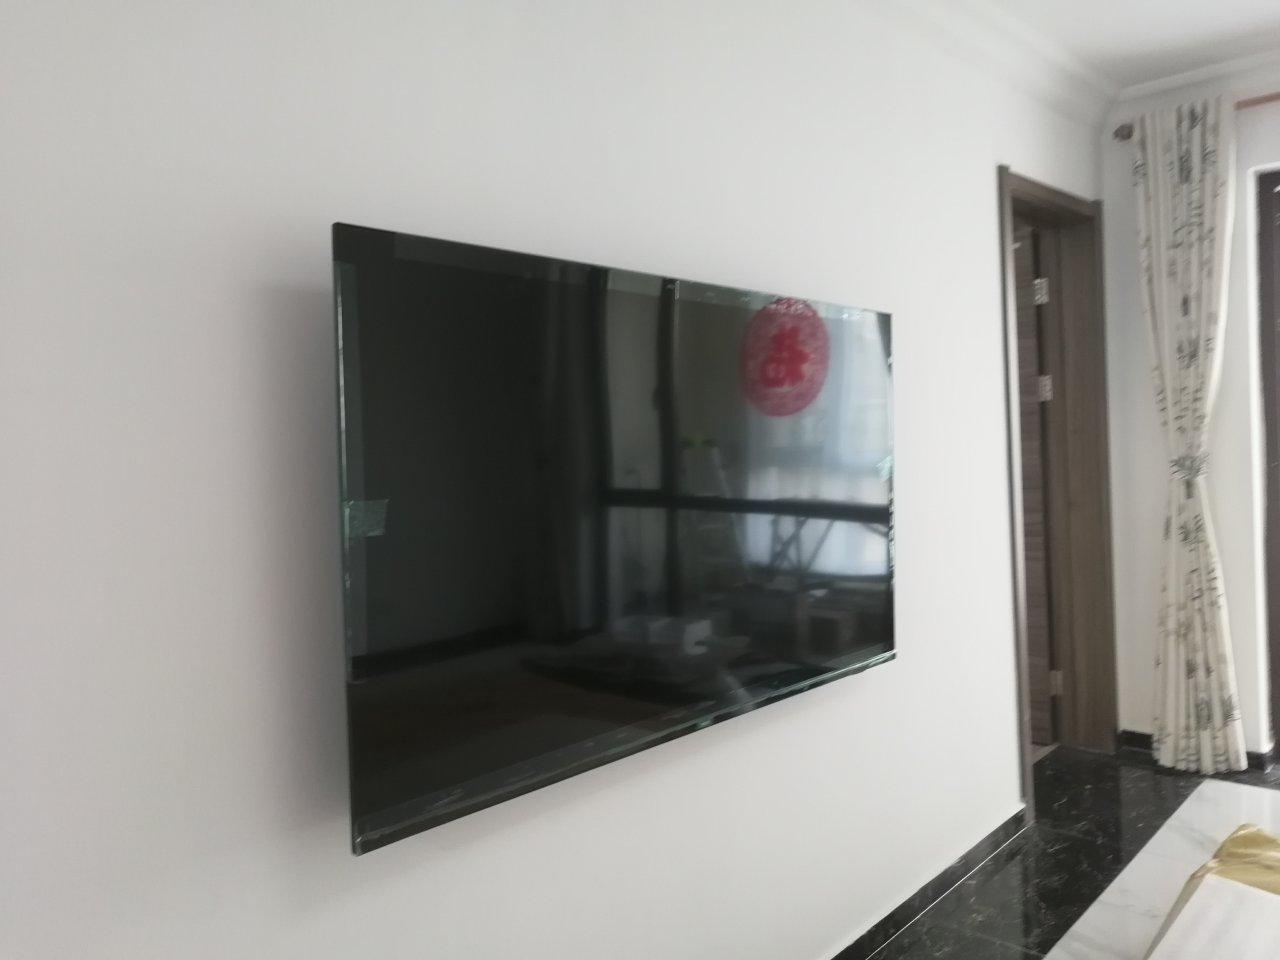 飞利浦70英寸超高清液晶电视,配有家长喜欢的抗菌遥控器